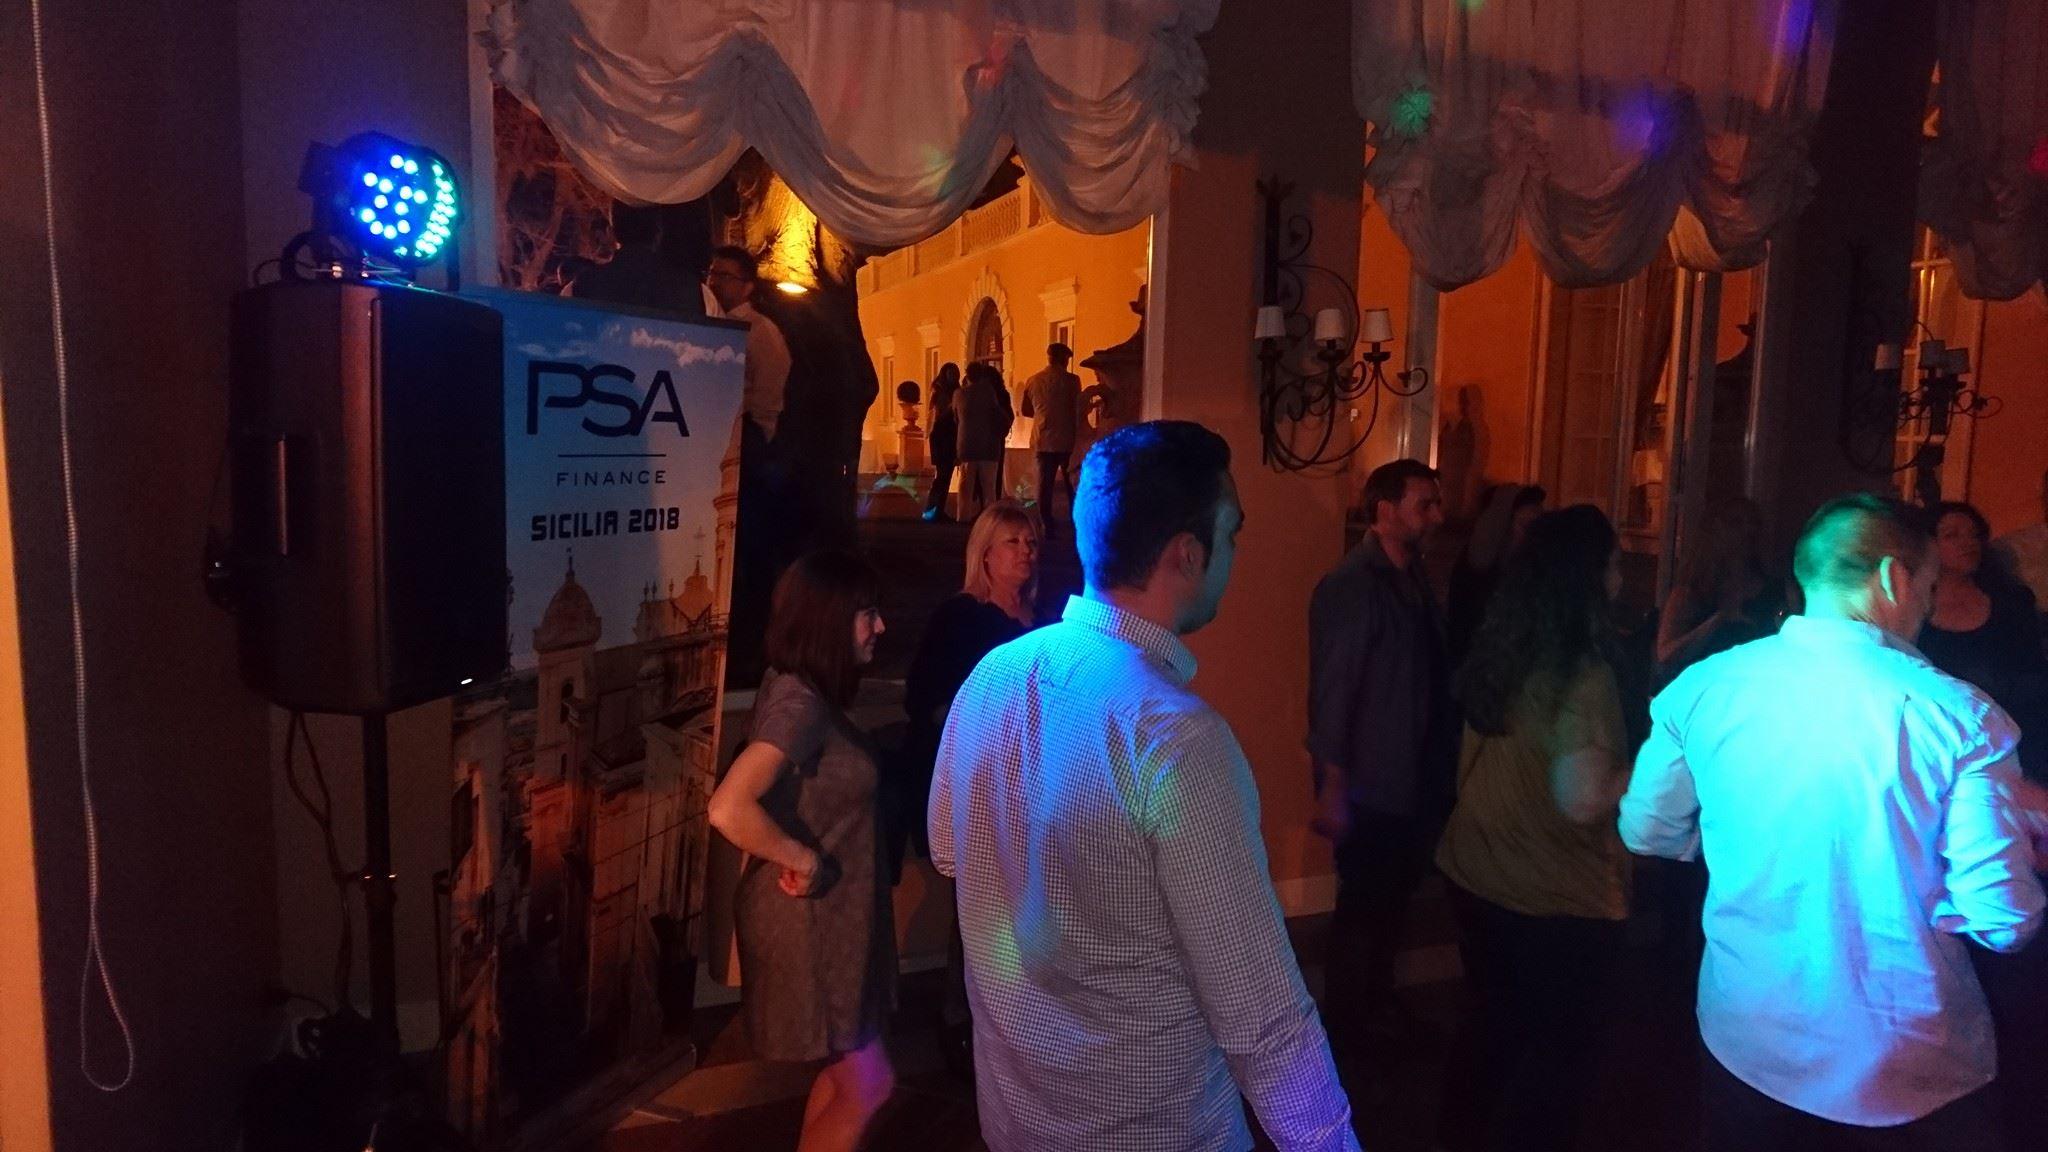 Evento aziendale-PSA 2018-033